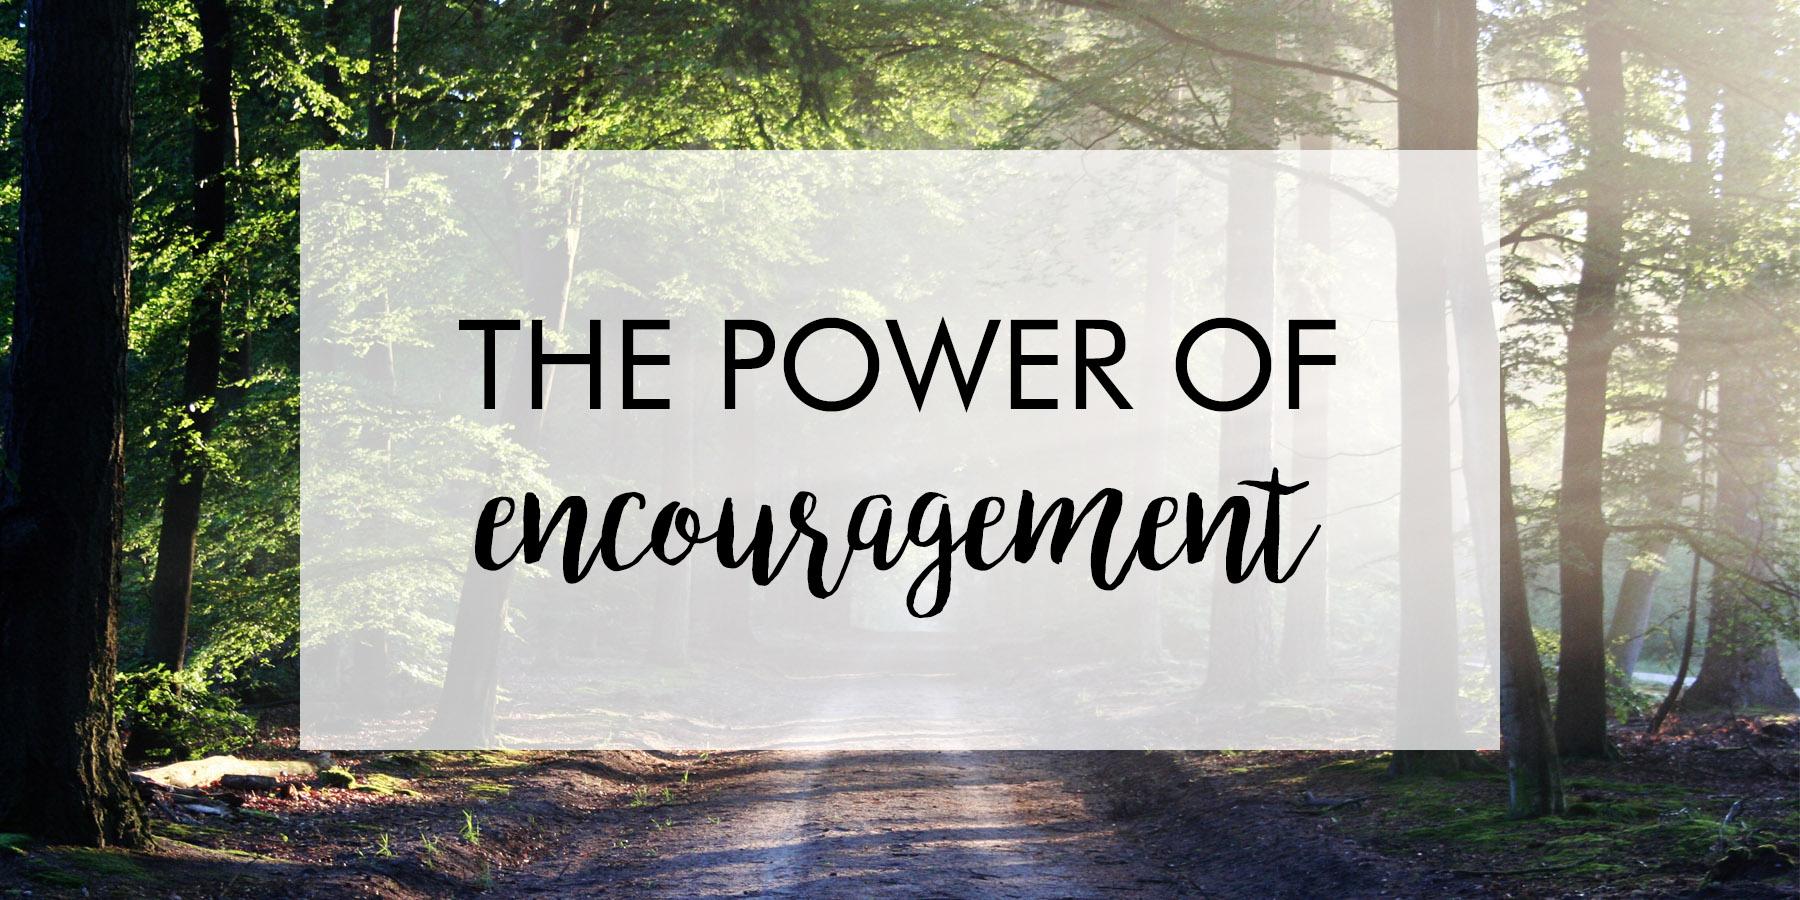 power of encouragement.jpg